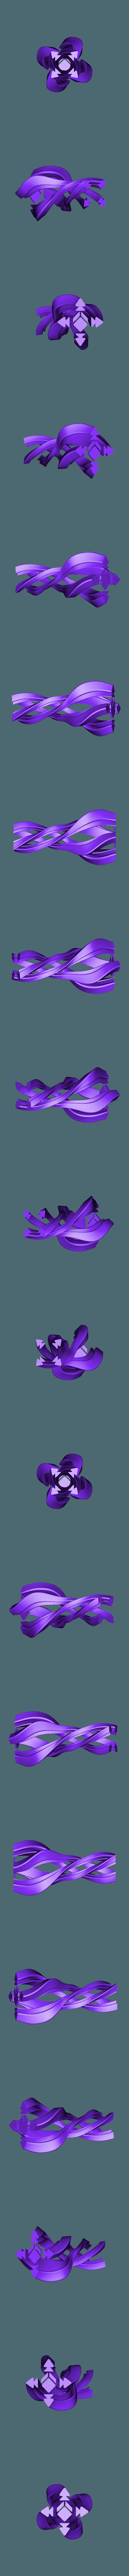 Vase_Genapart_V2-1-b.stl Download free STL file New 2 colors vases • 3D printable design, Genapart